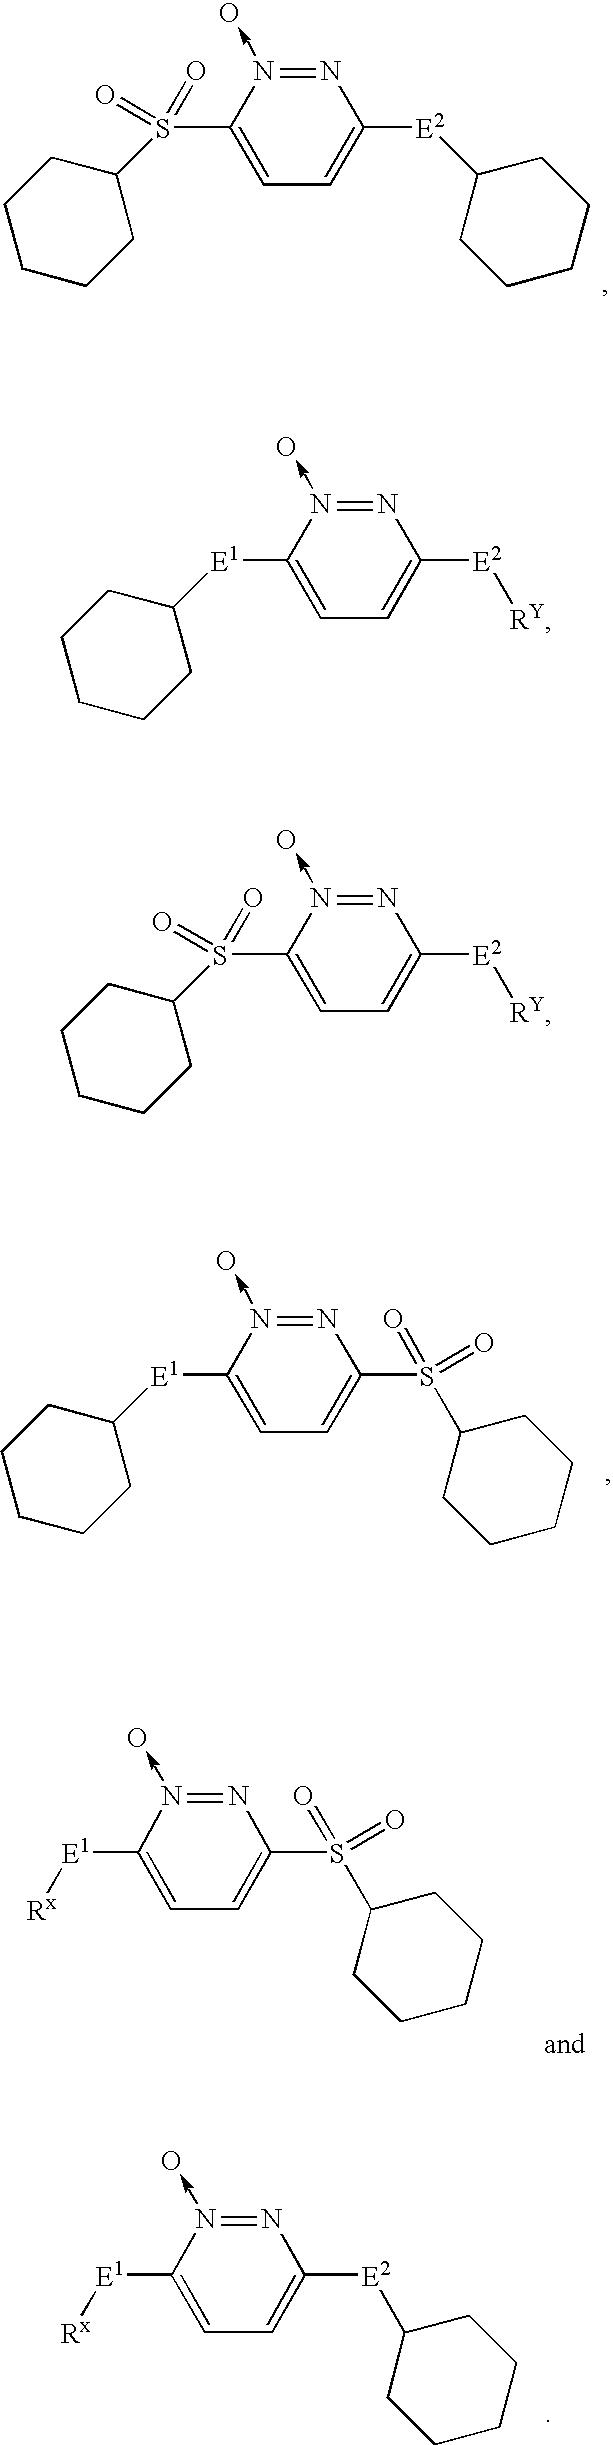 Figure US20040242886A1-20041202-C00039